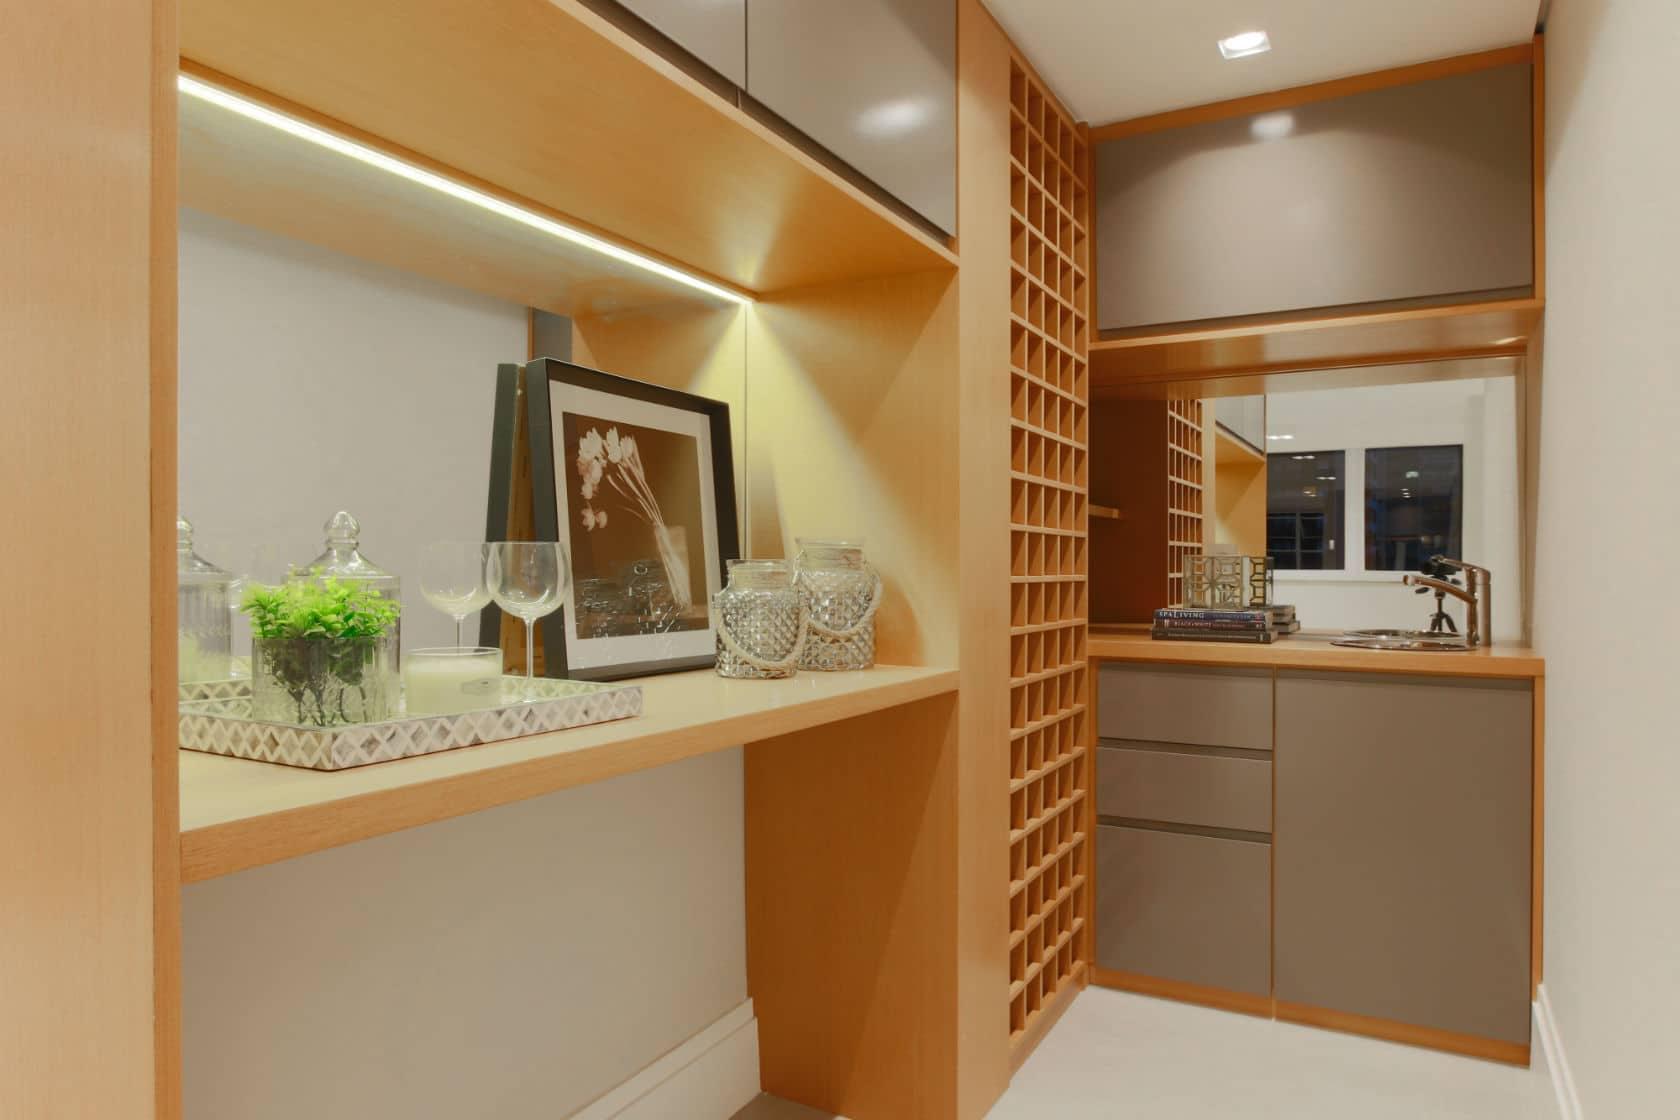 Adega-bar: dicas para criar um espaço charmoso no seu living